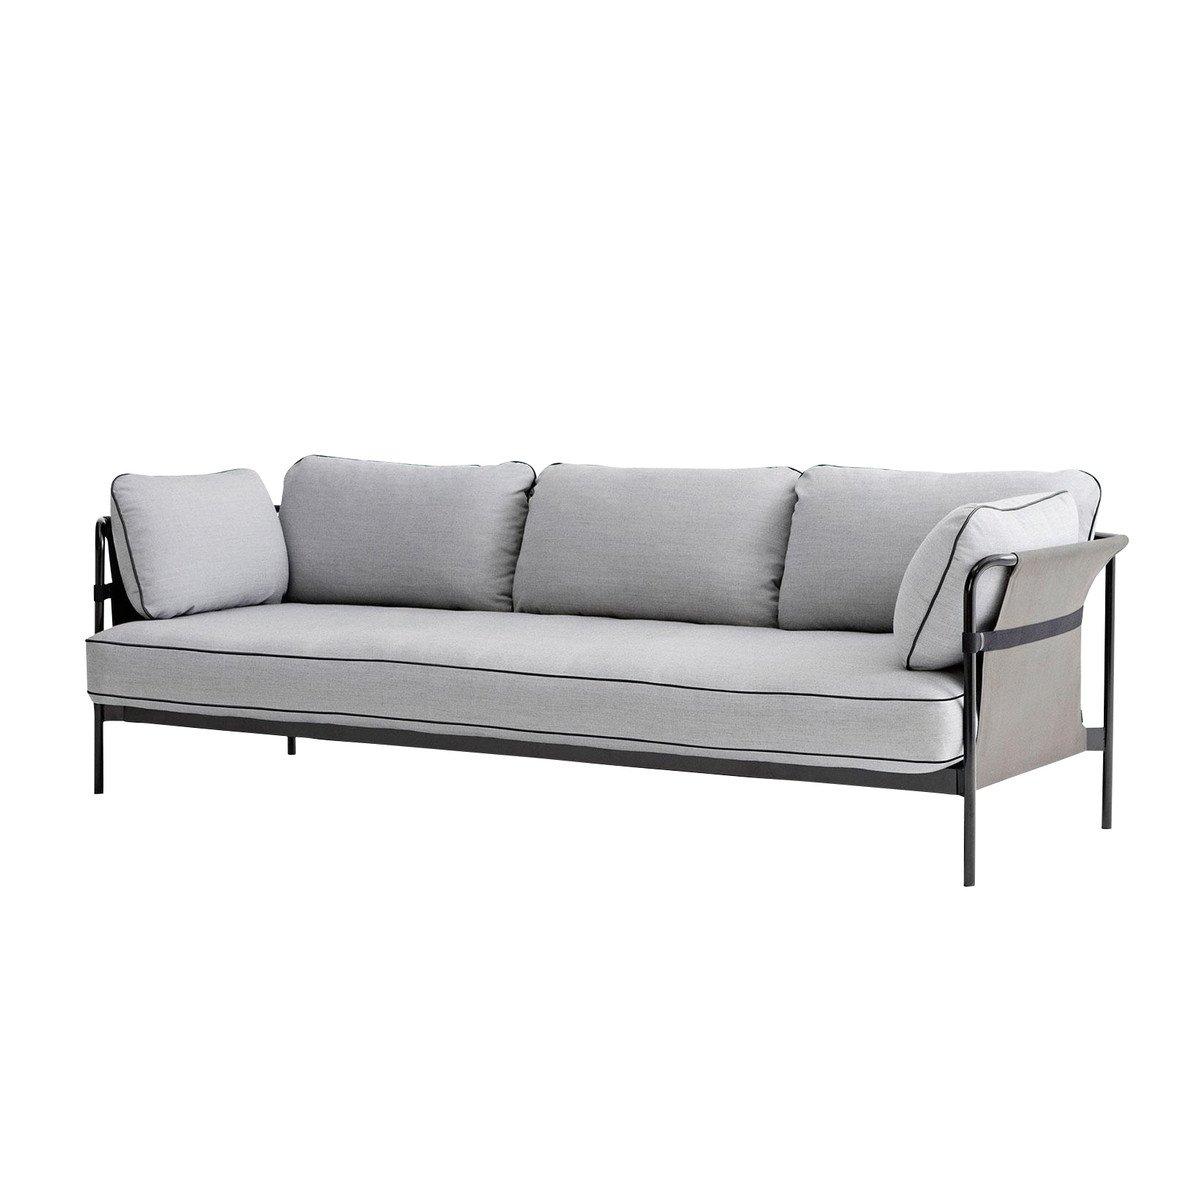 stoff couch simple excellent wohnzimmer couchtisch holz glas zum zimmer rustikal einrichten mit. Black Bedroom Furniture Sets. Home Design Ideas